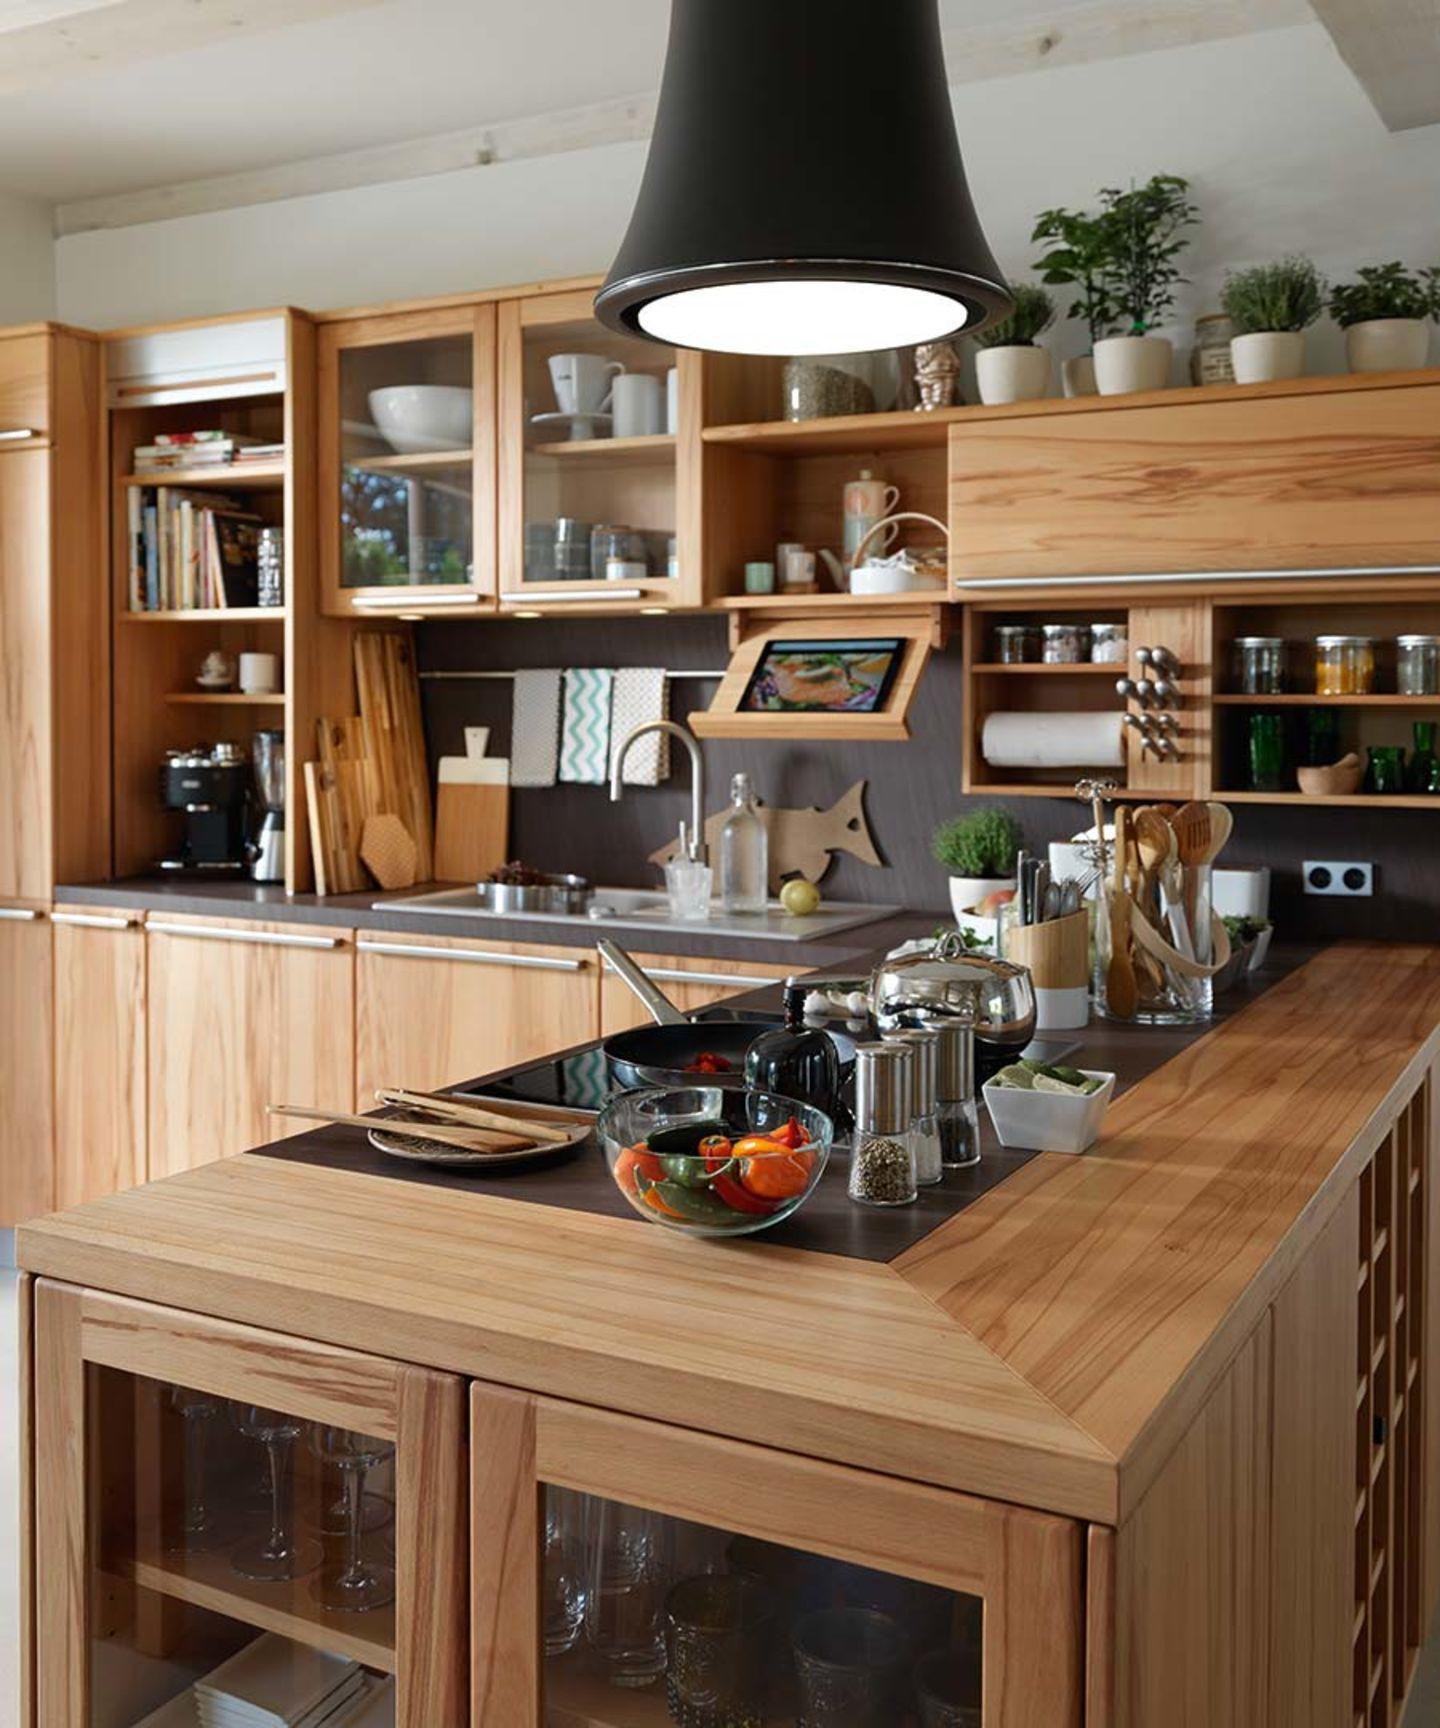 Holzkuche Rondo Mit Naturholz Kochbuchhalter Holzkuche Haus Kuchen Wohnung Kuche